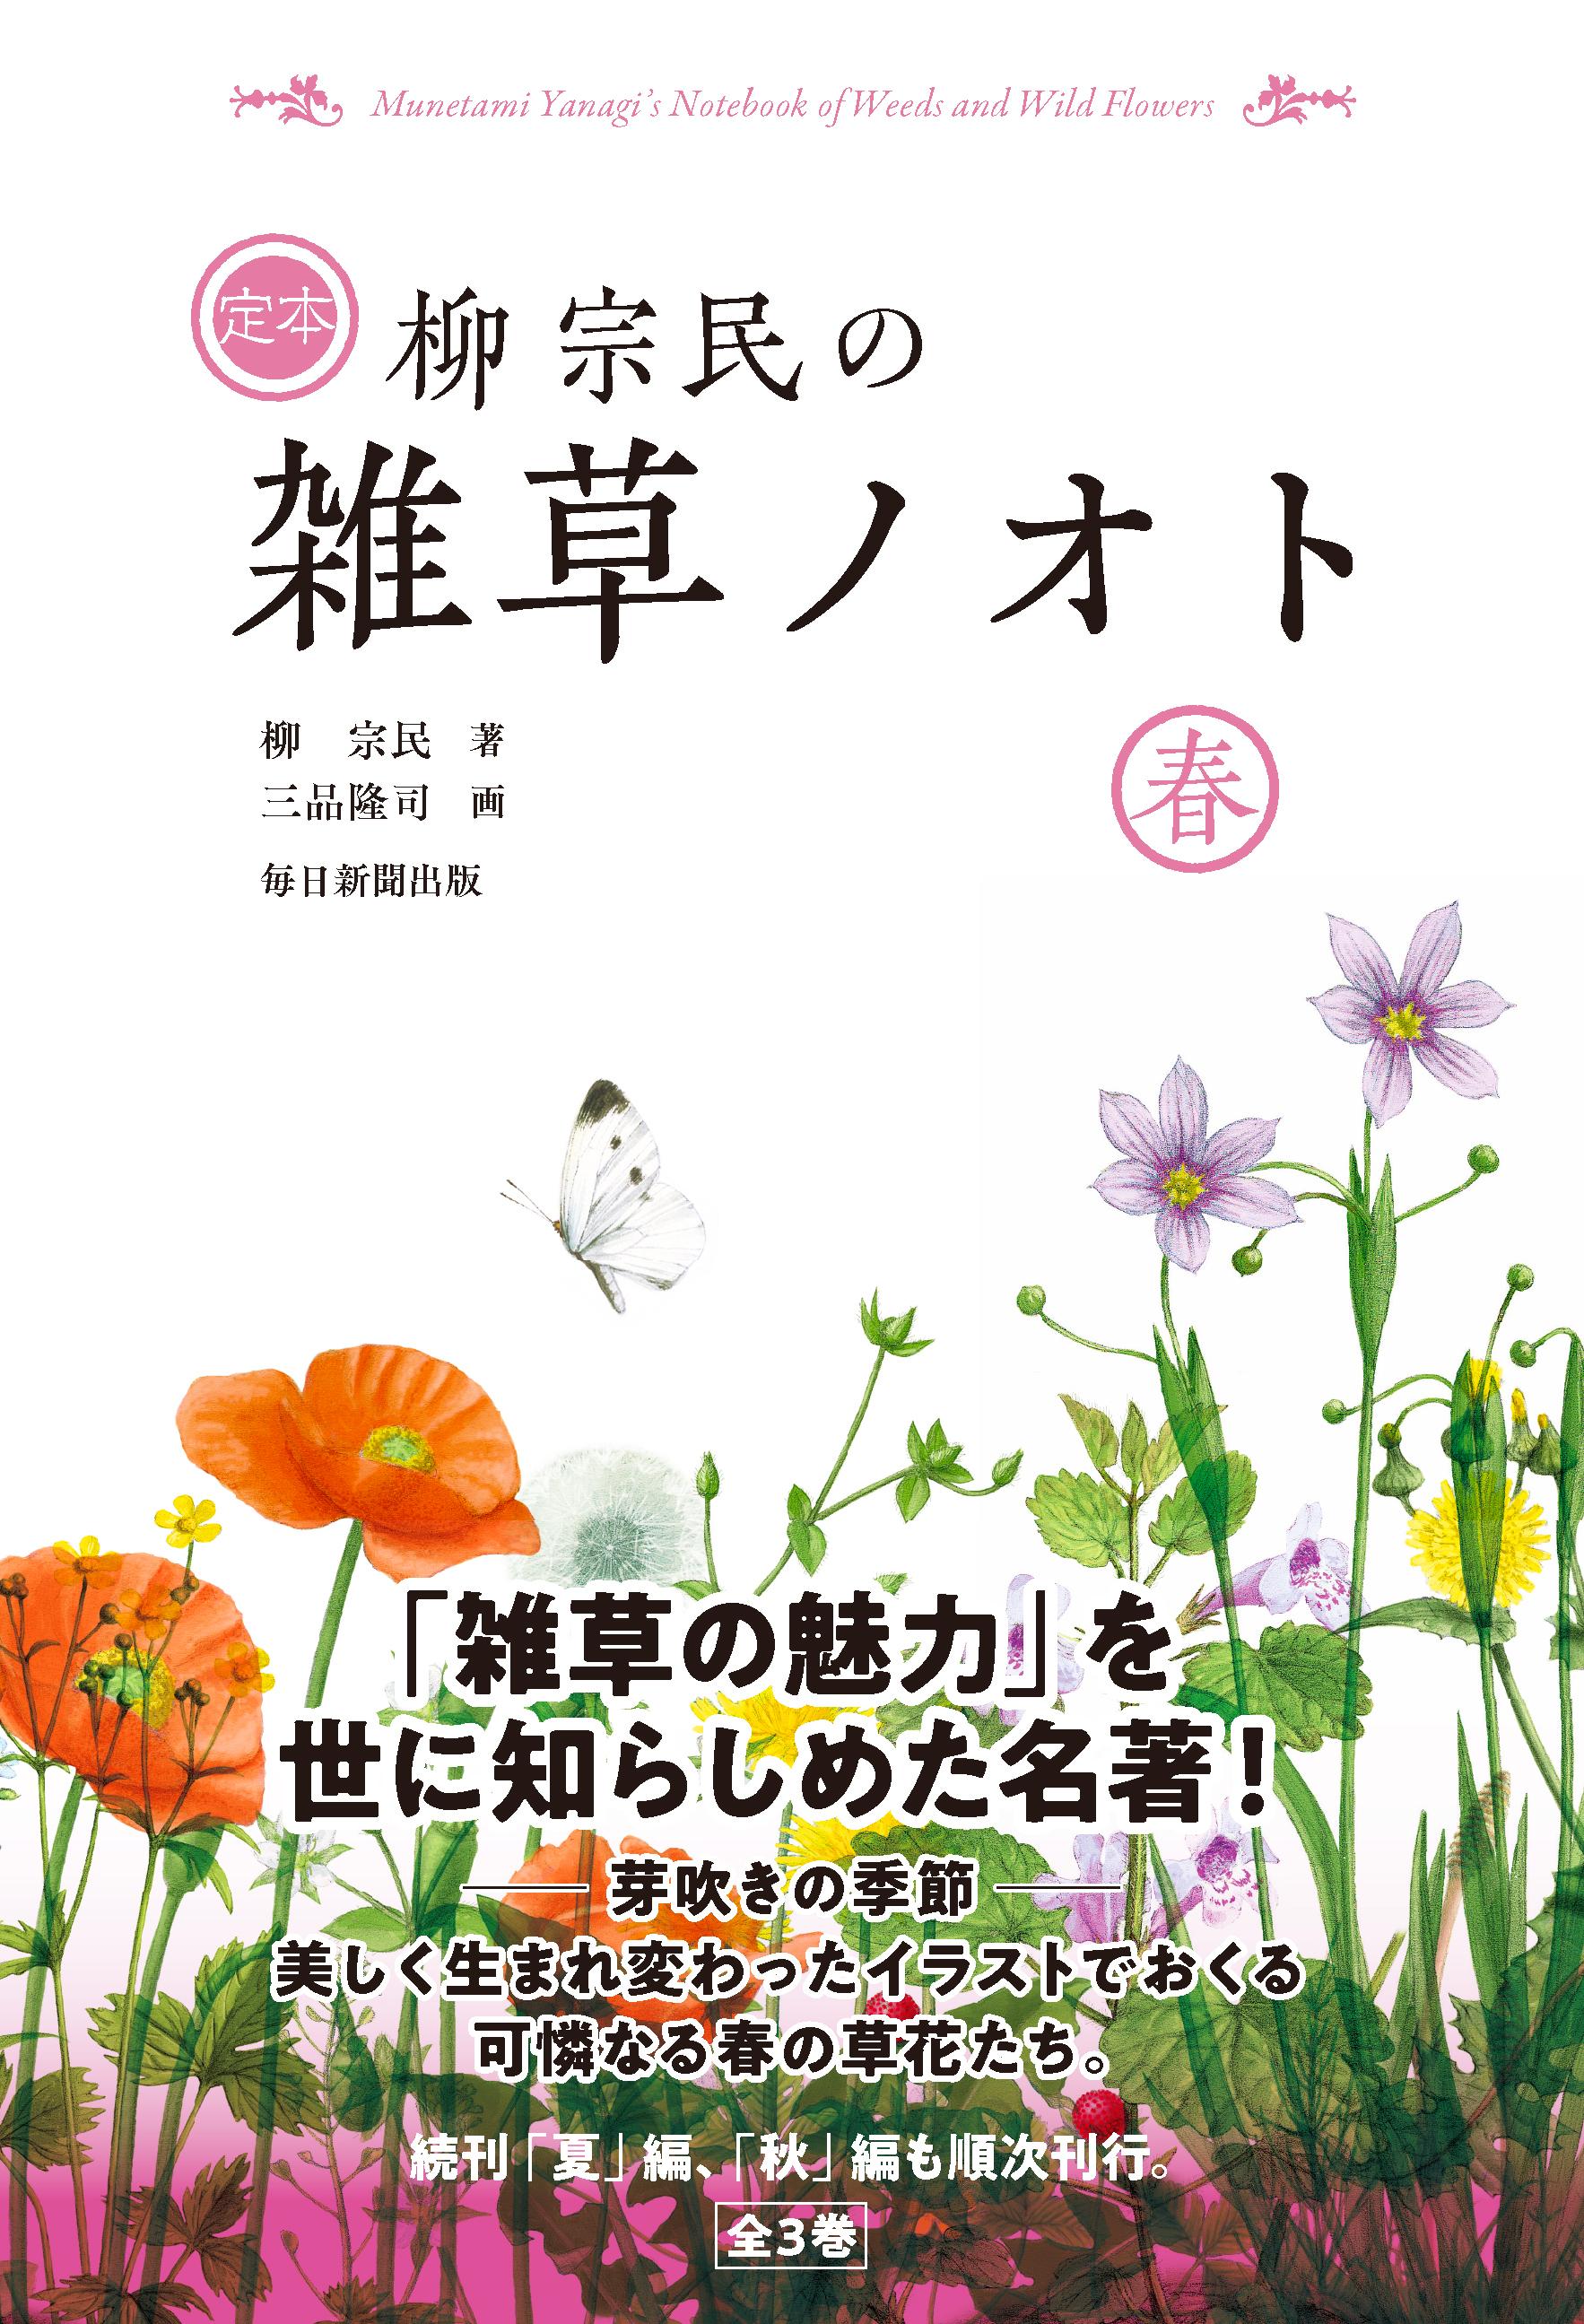 書影:定本 柳宗民の雑草ノオト 春